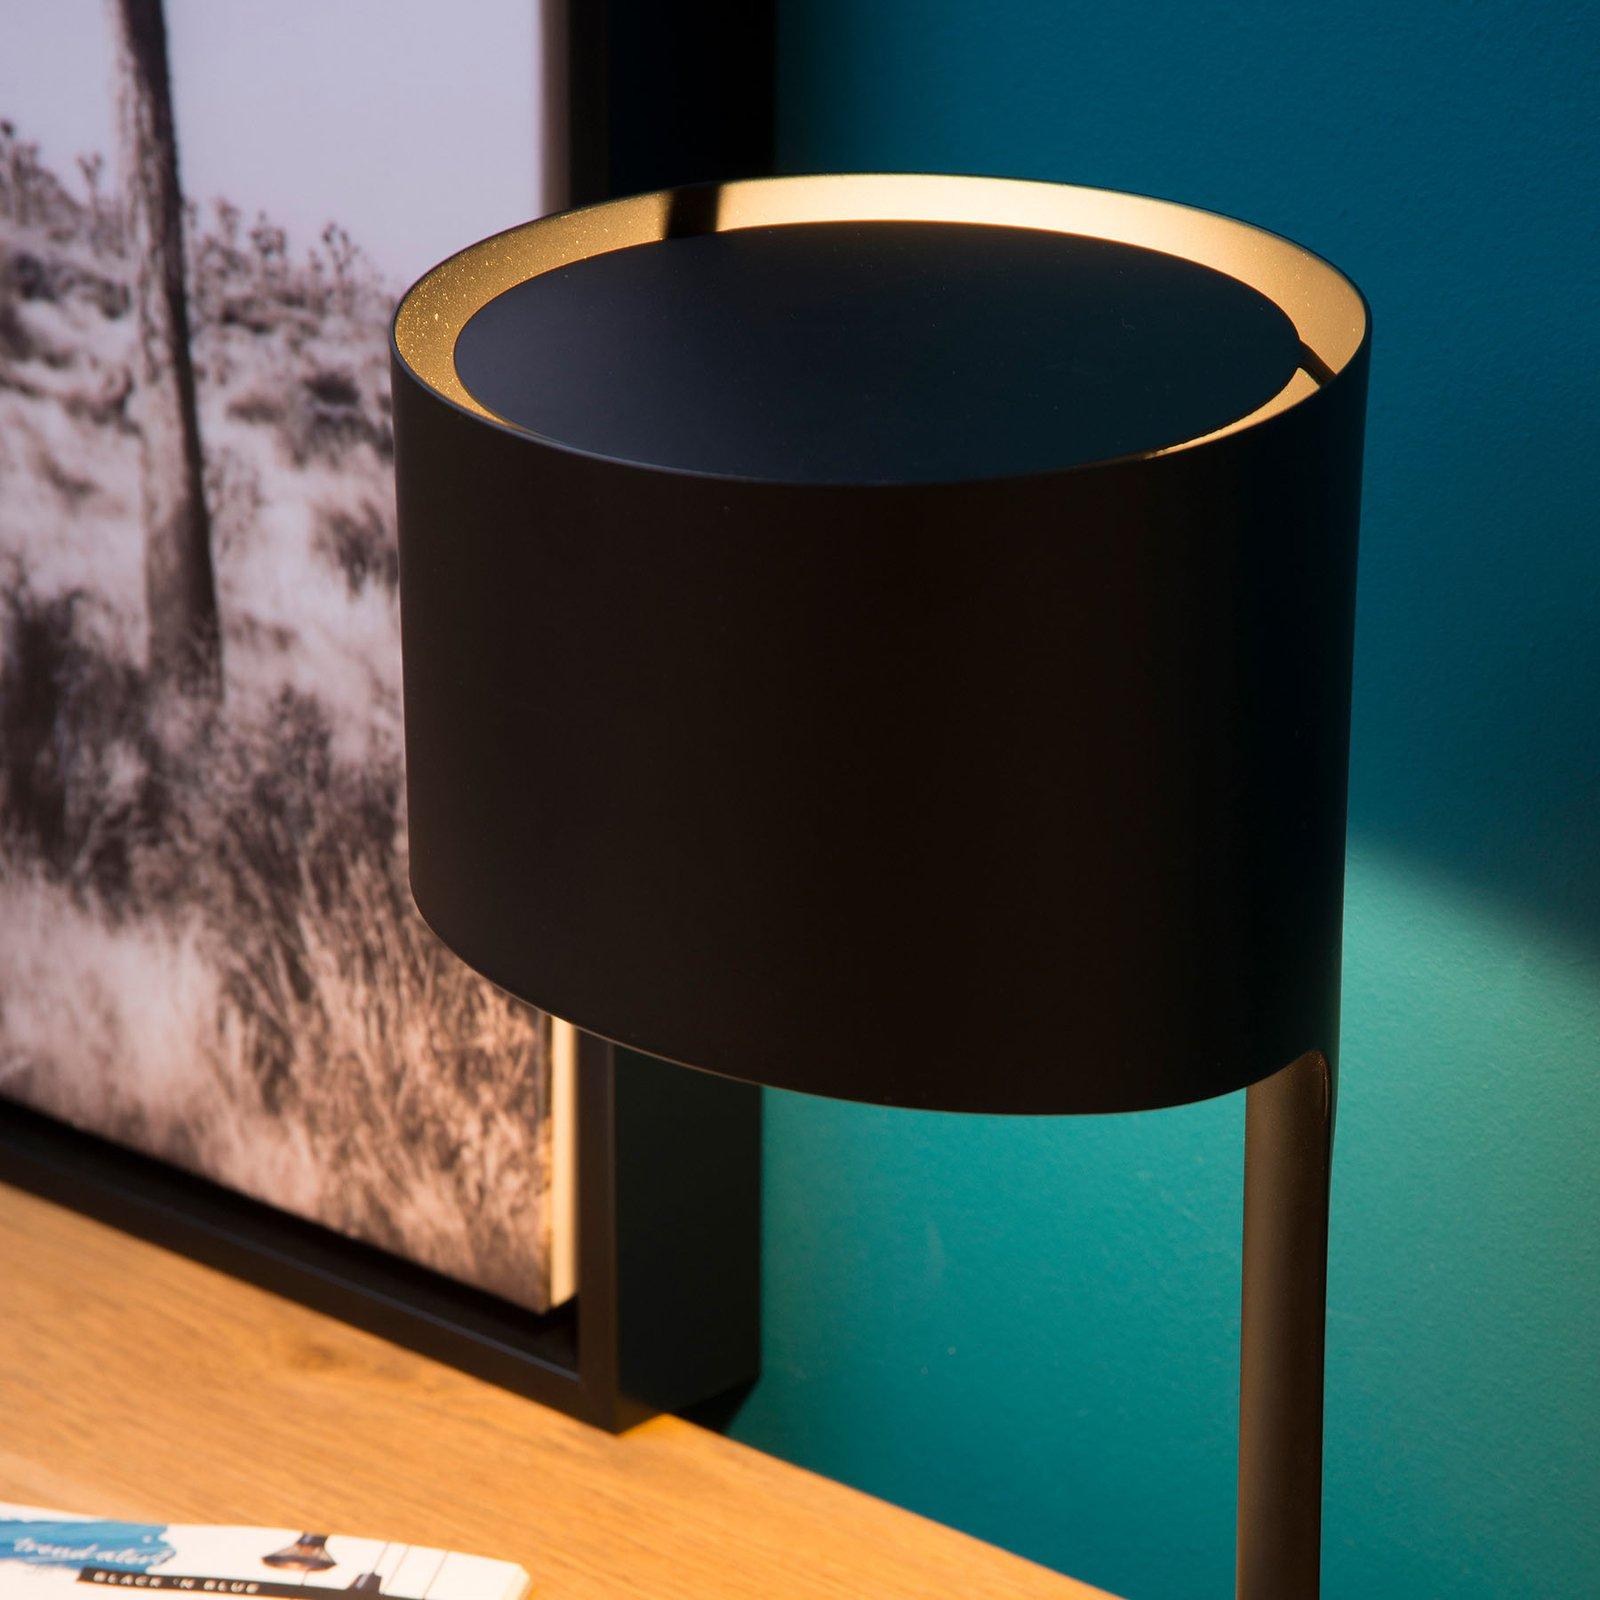 Knulle bordlampe av metall, svart